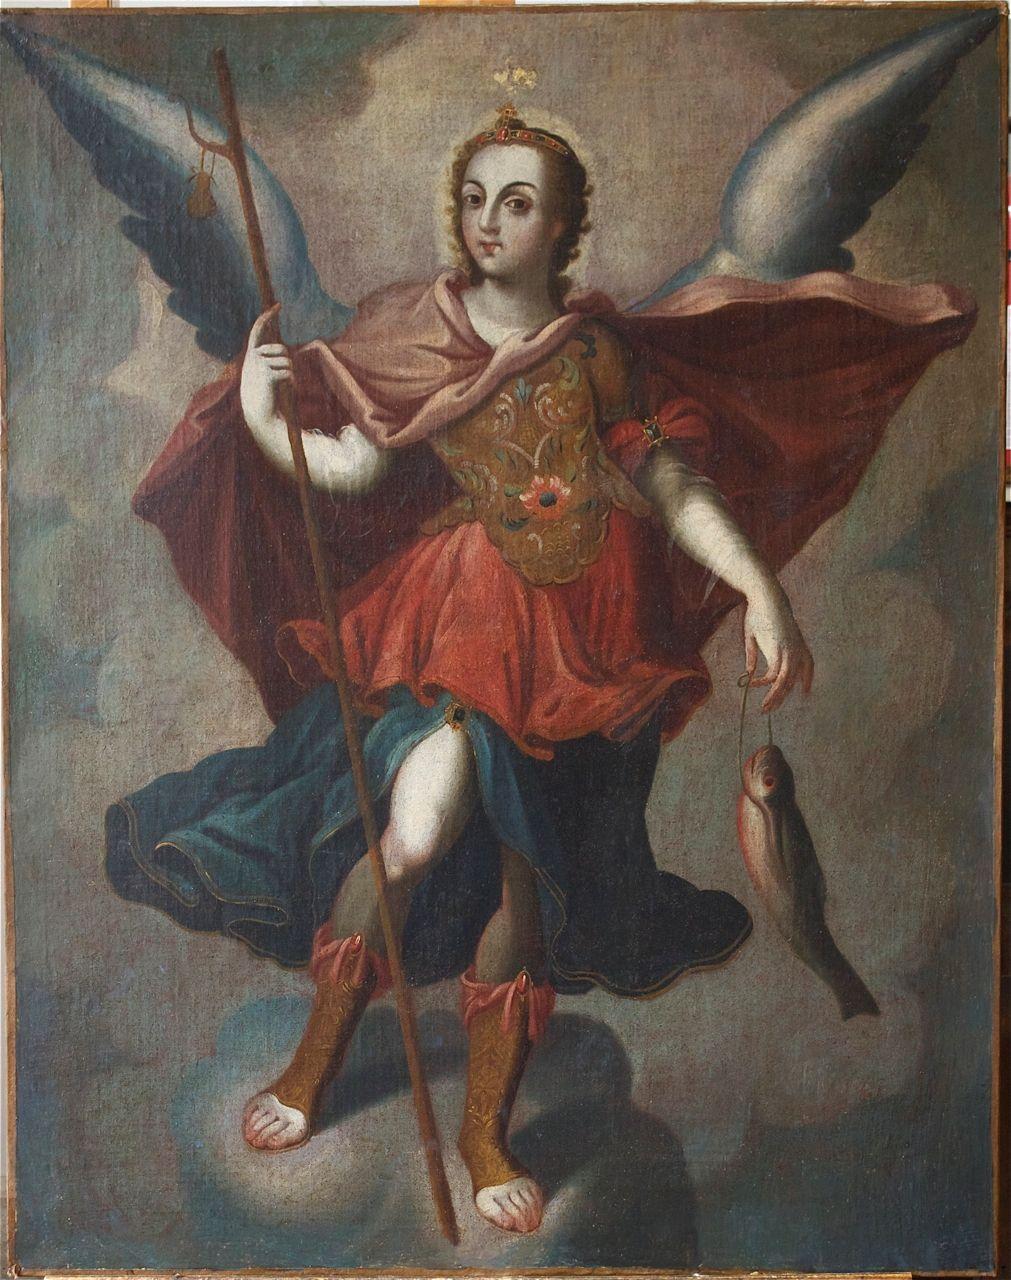 вырастить описание в библии архангела рафаила фото каждой были оригинальные